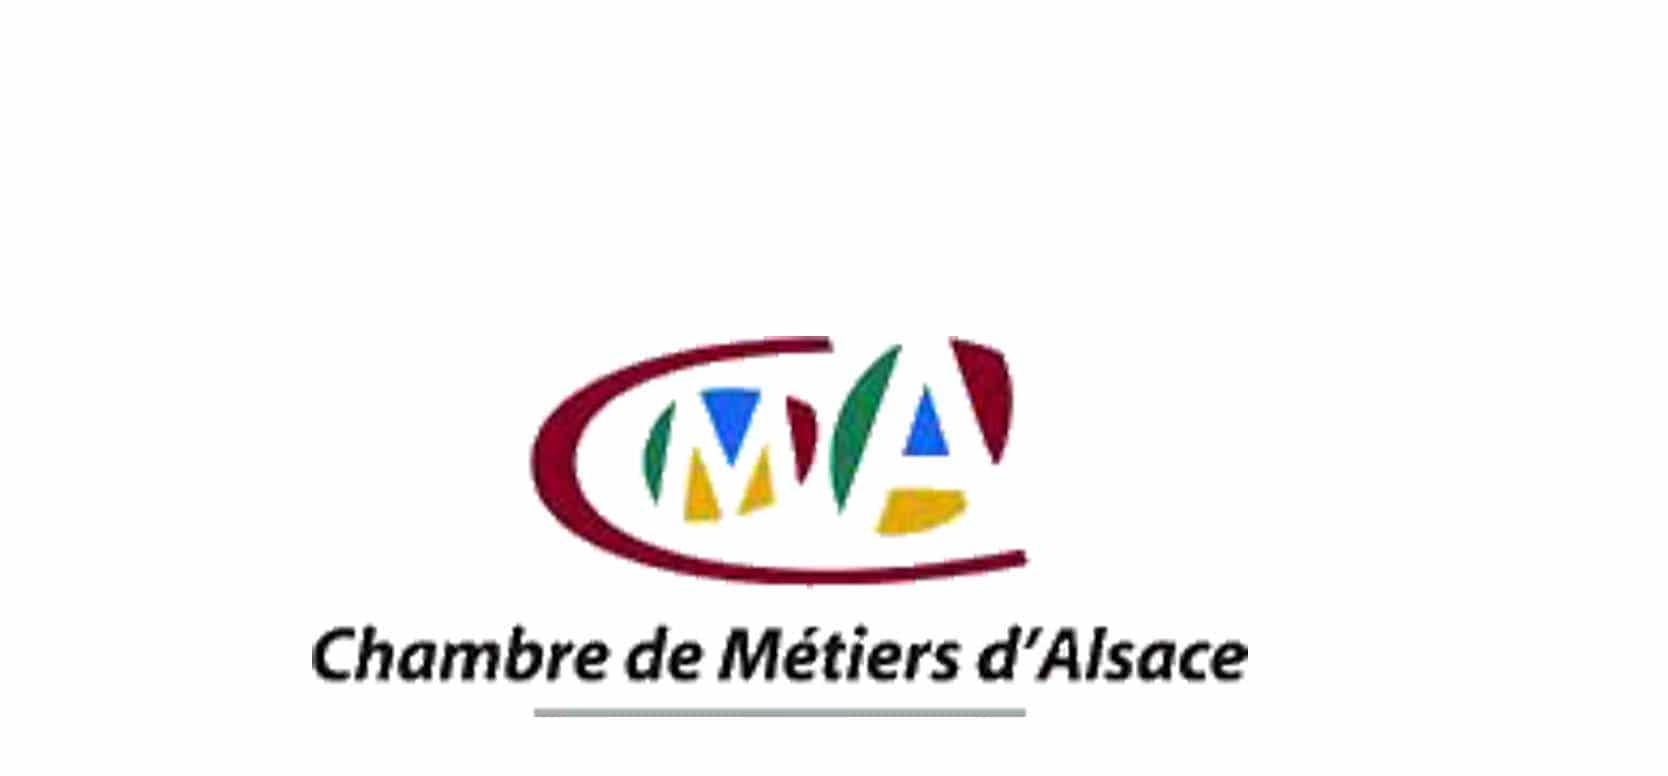 Cma - Ville-Cernay.fr, Site Officiel De La Ville De Cernay intérieur Chambre Des Métiers D Alsace